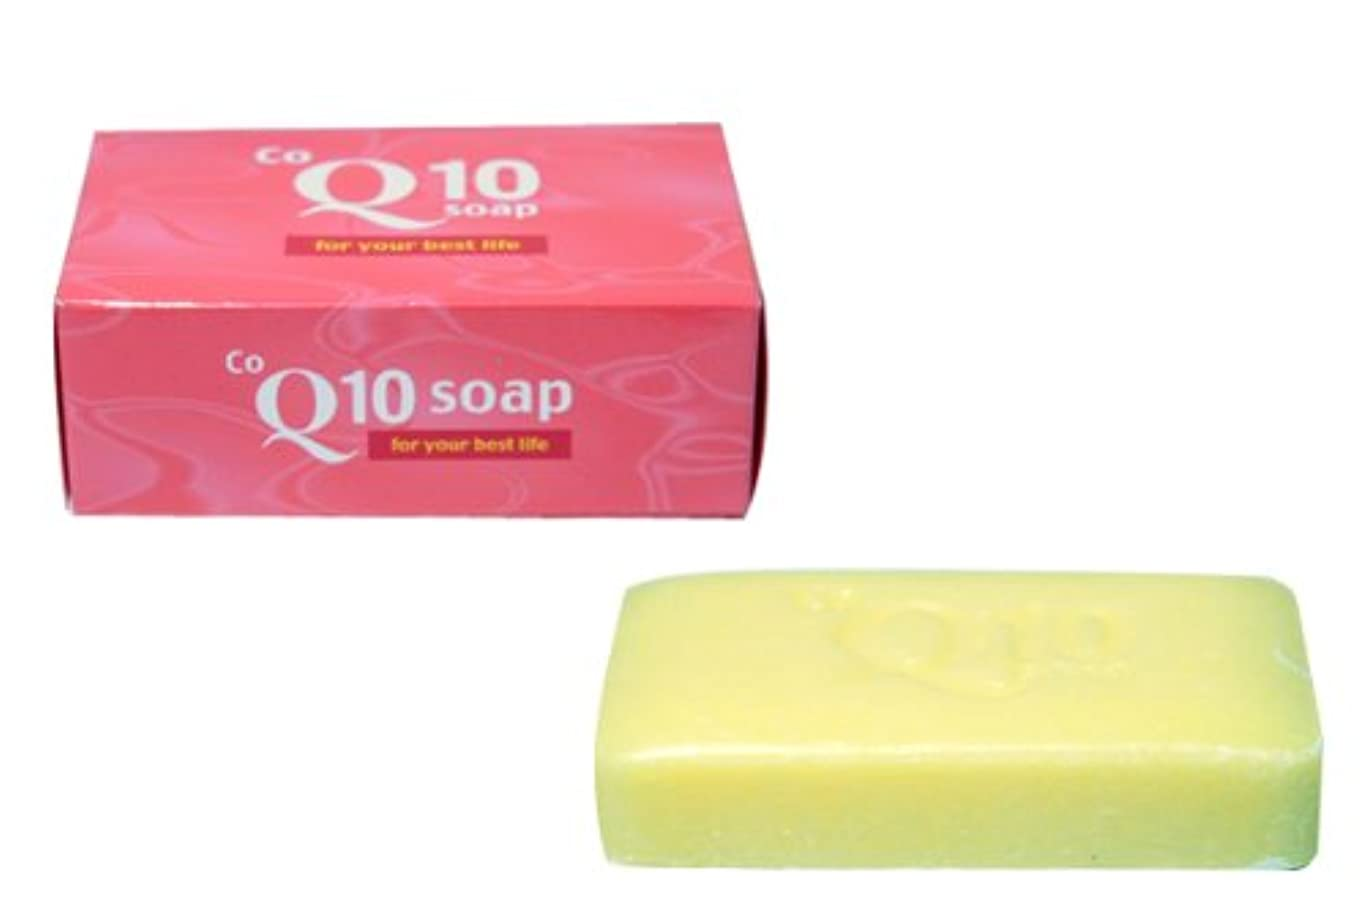 幸福環境保護主義者積極的にコエンザイムQ10石鹸 10個セット